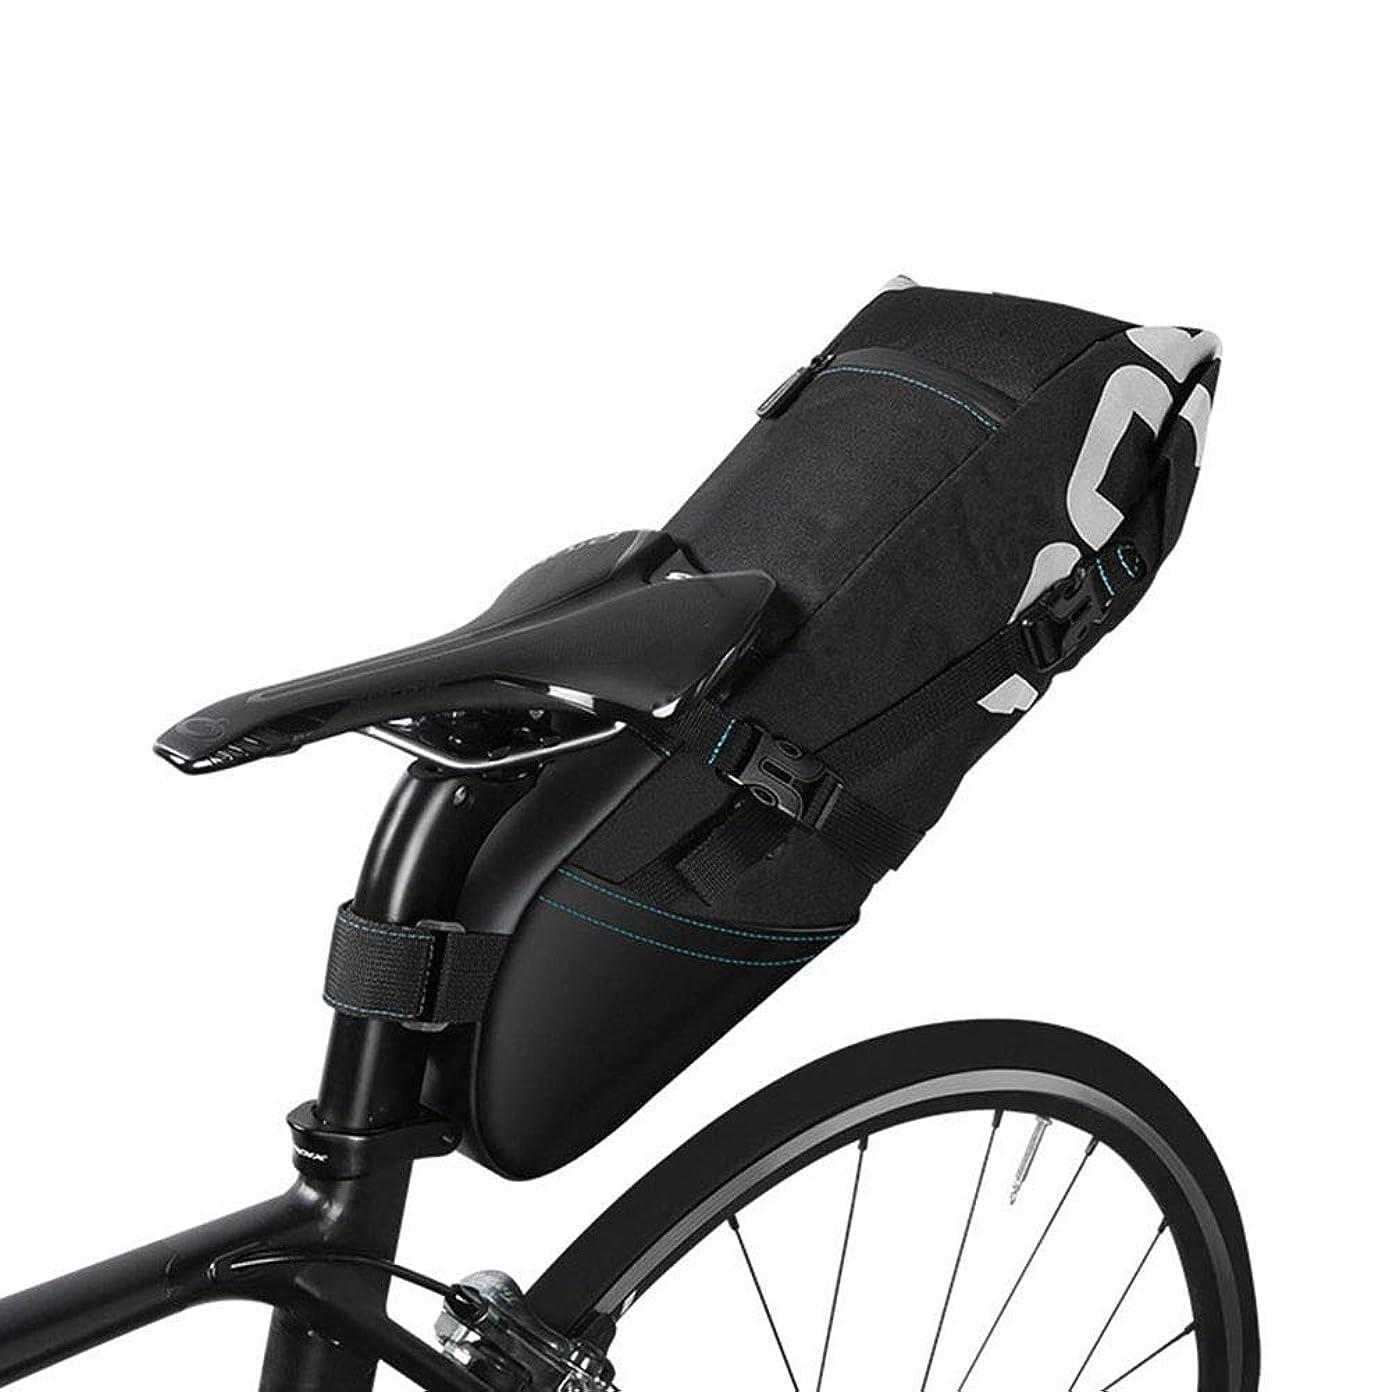 名門に対応ジョセフバンクス自転車パッキングバッグ 防水バイクサドルバッグ 8L 大容量 サイクリング リアシートパック 自転車ストレージバッグ 反射ストライプ